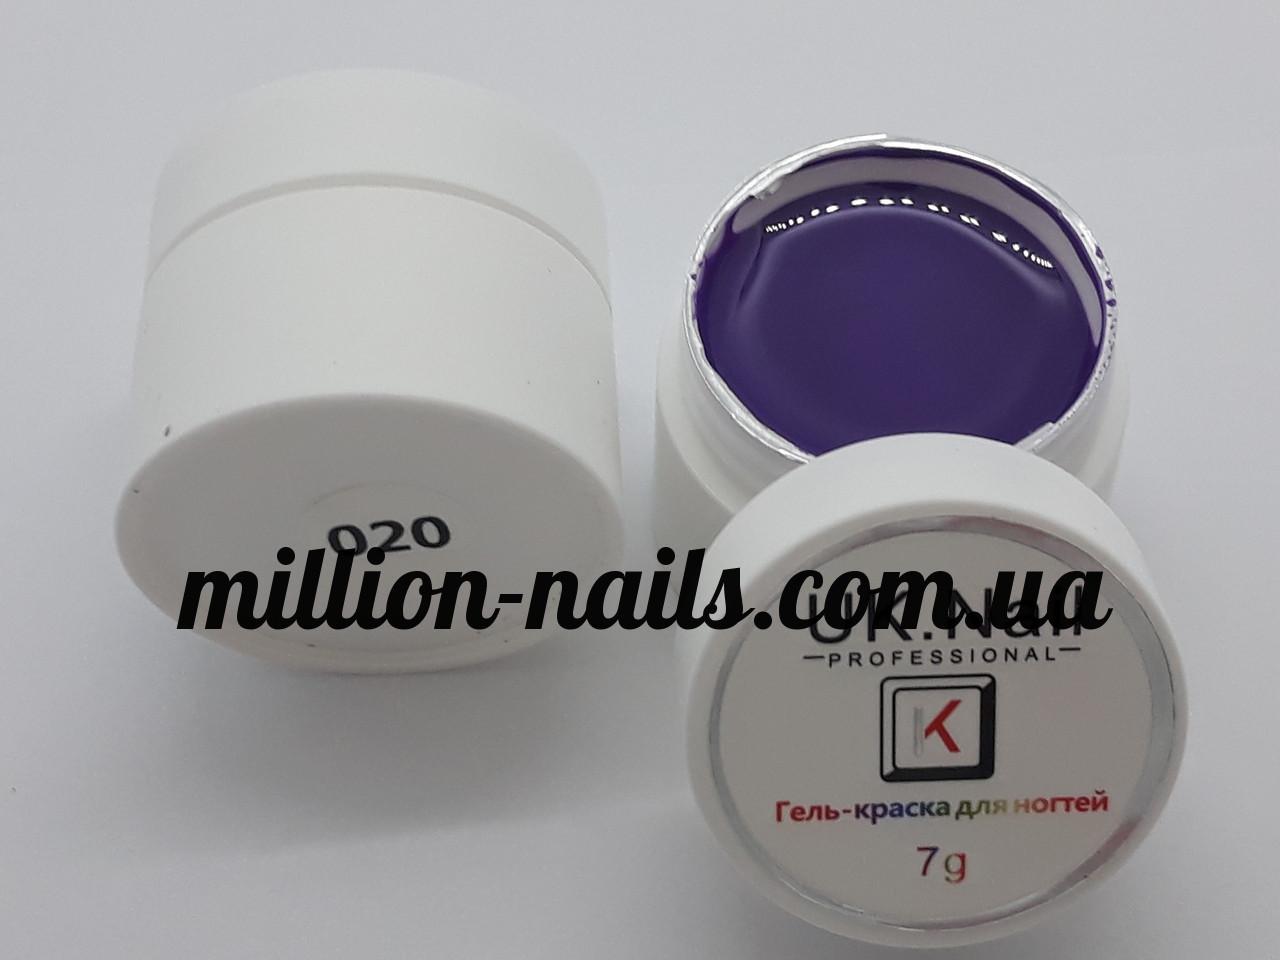 Гель-краска  для ногтей UK.Nail №20 цвет сиреневый ,7 грамм